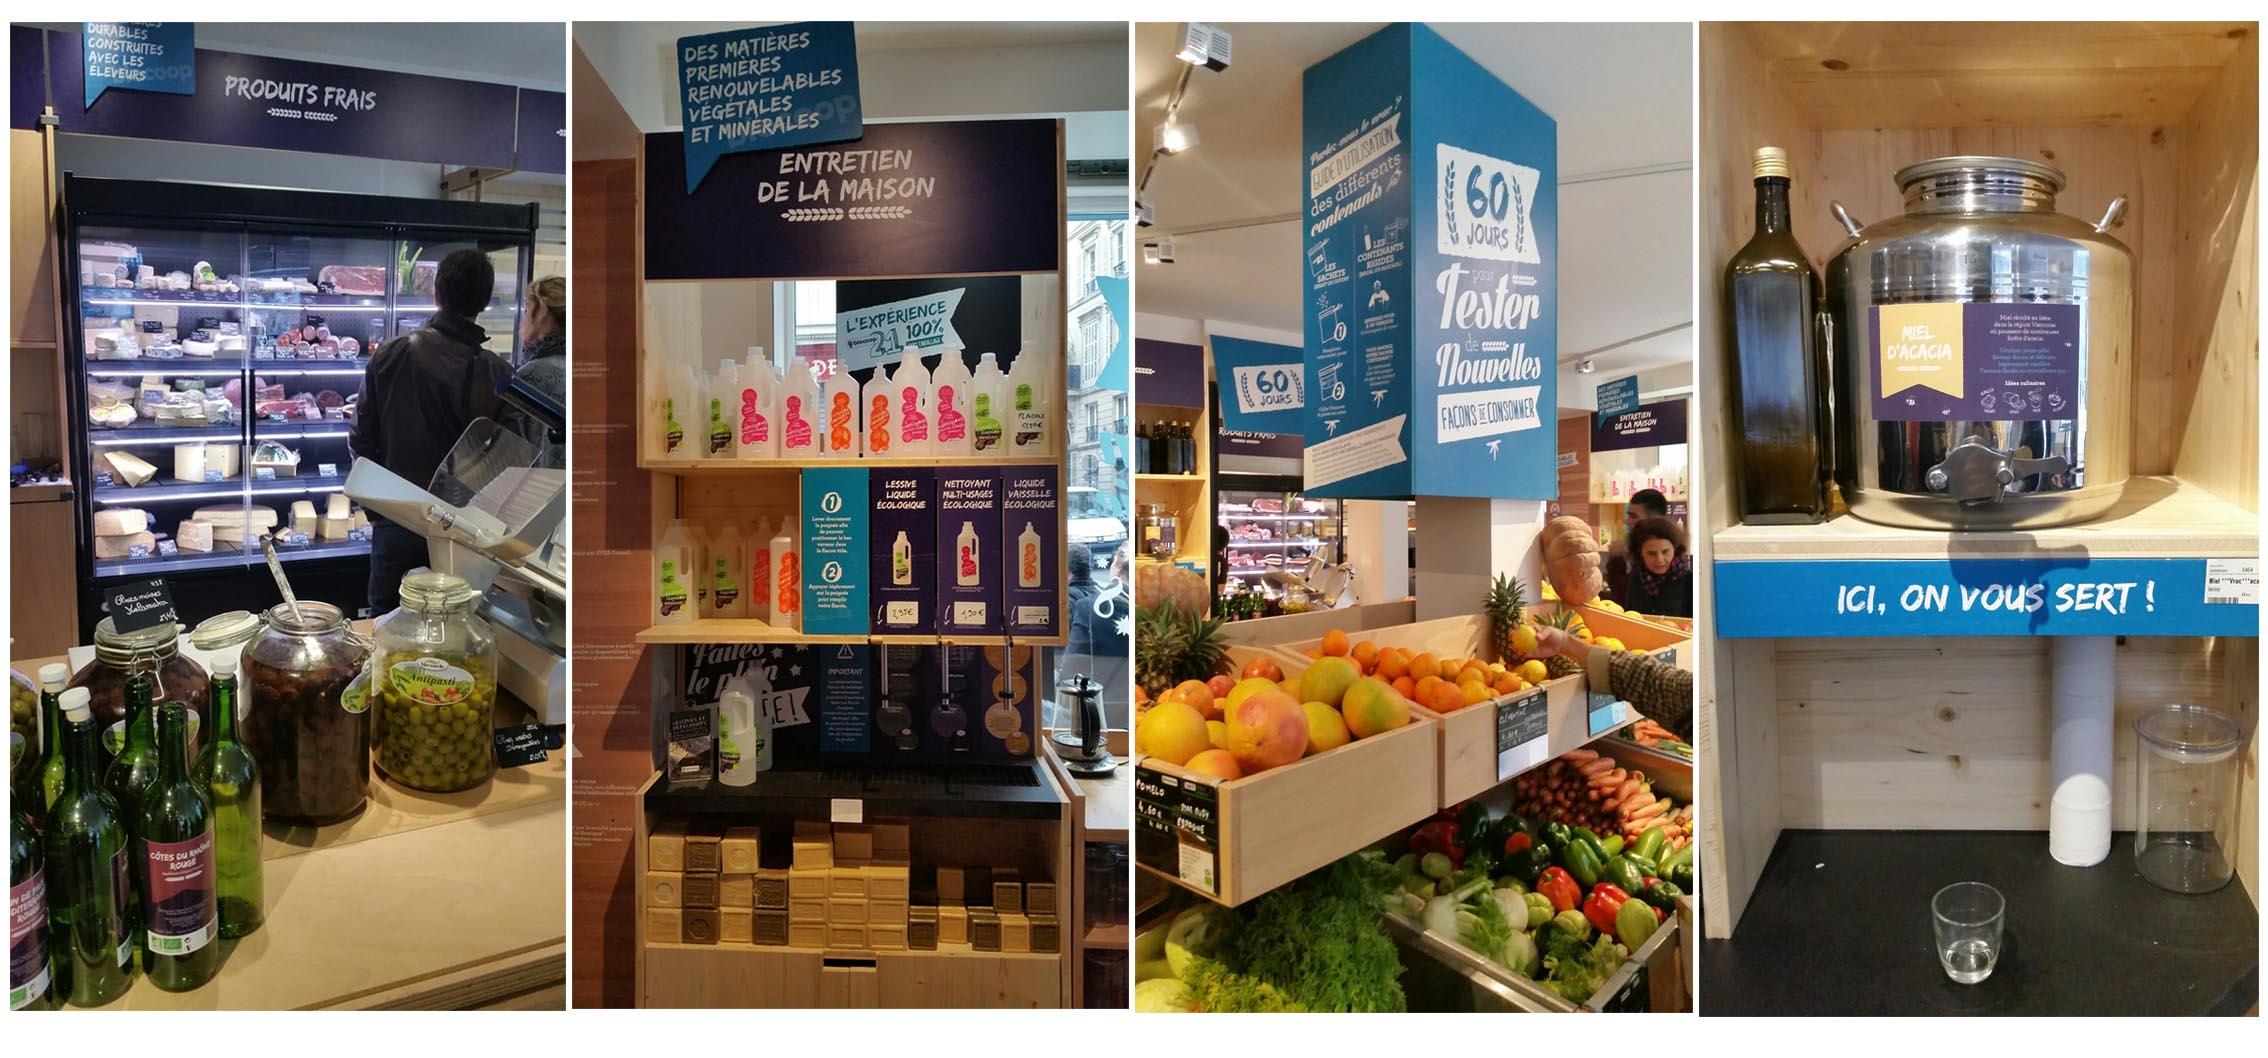 supermercado sem embalagens de Paris 3